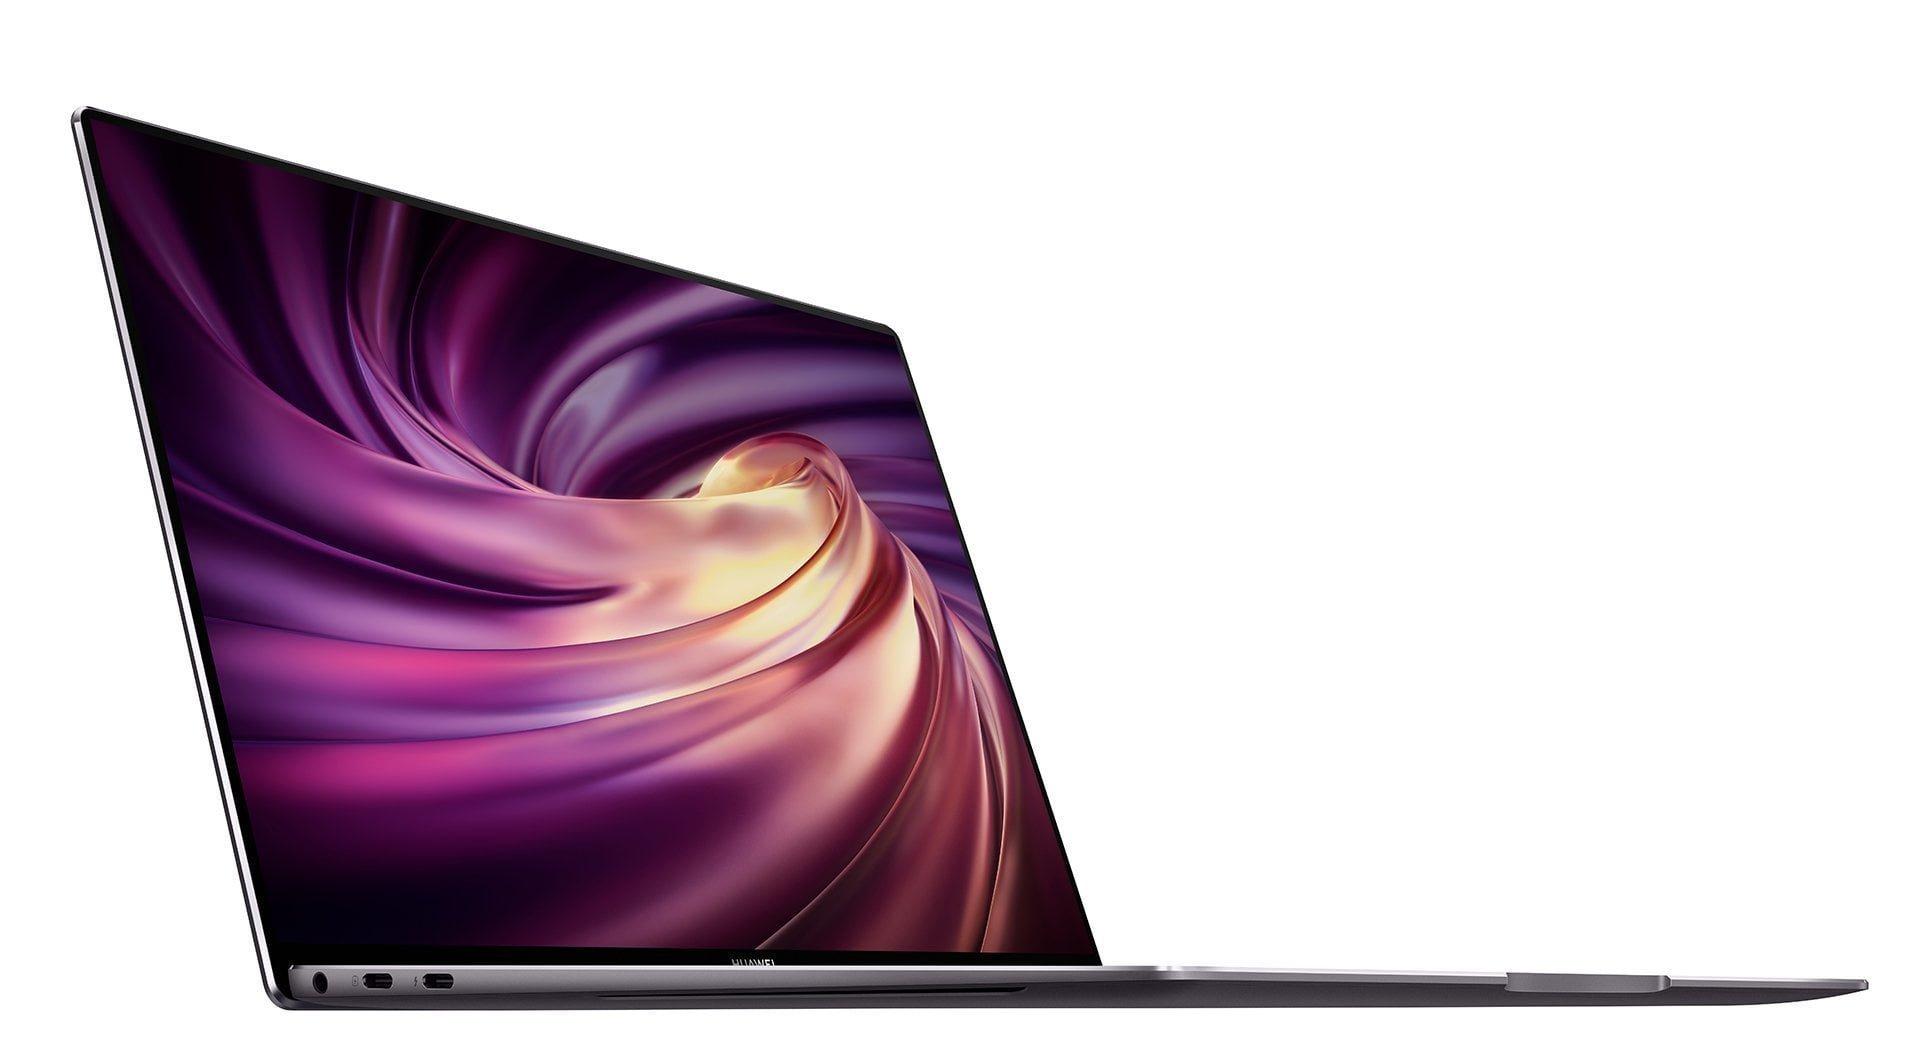 MWC 2019: drei neue Huawei MateBooks angekündigt techboys.de • smarte News, auf den Punkt!